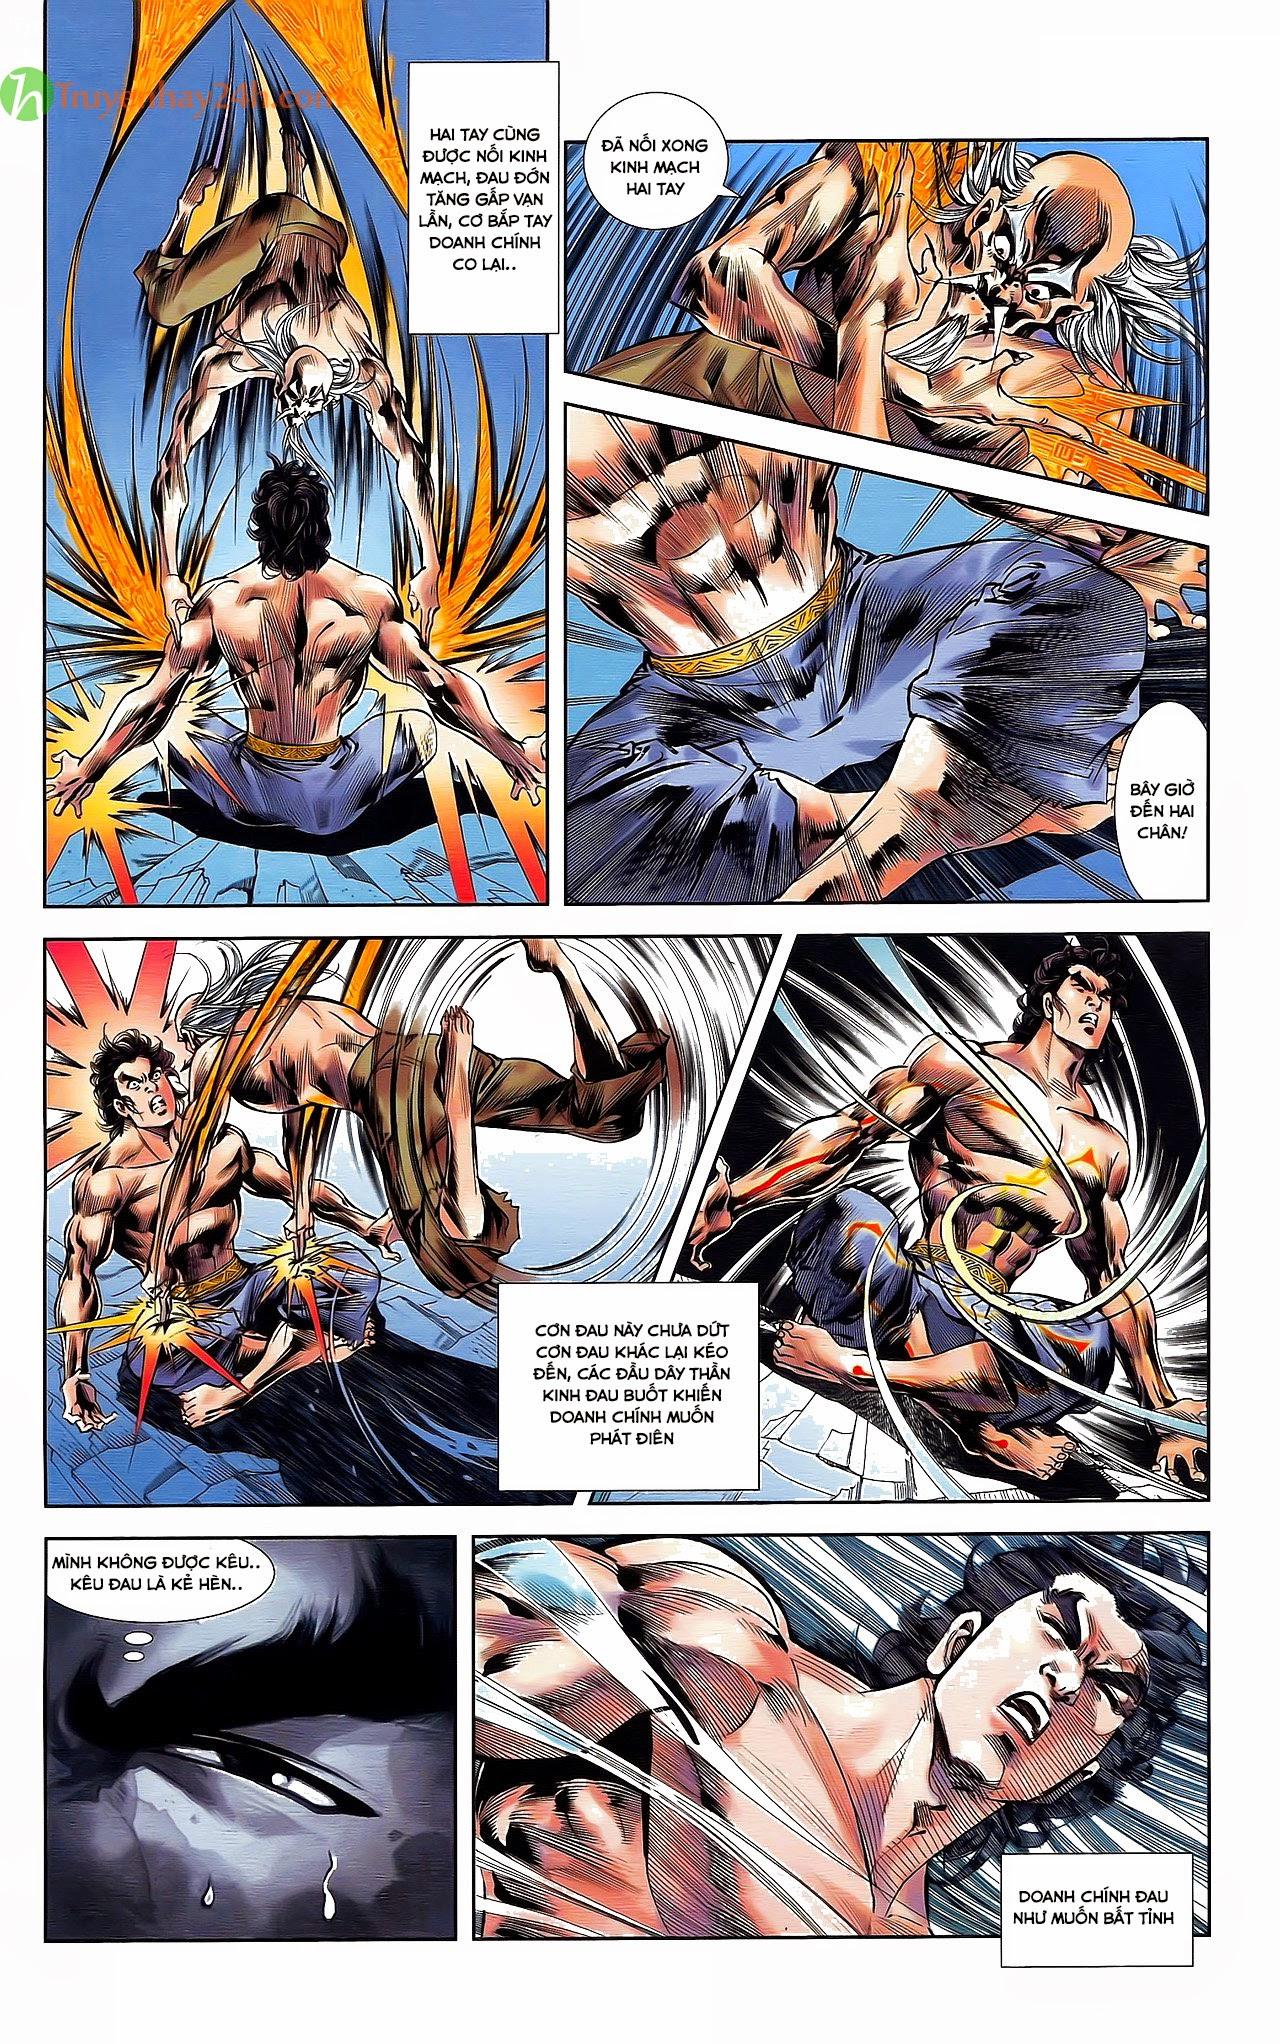 Tần Vương Doanh Chính chapter 30 trang 18